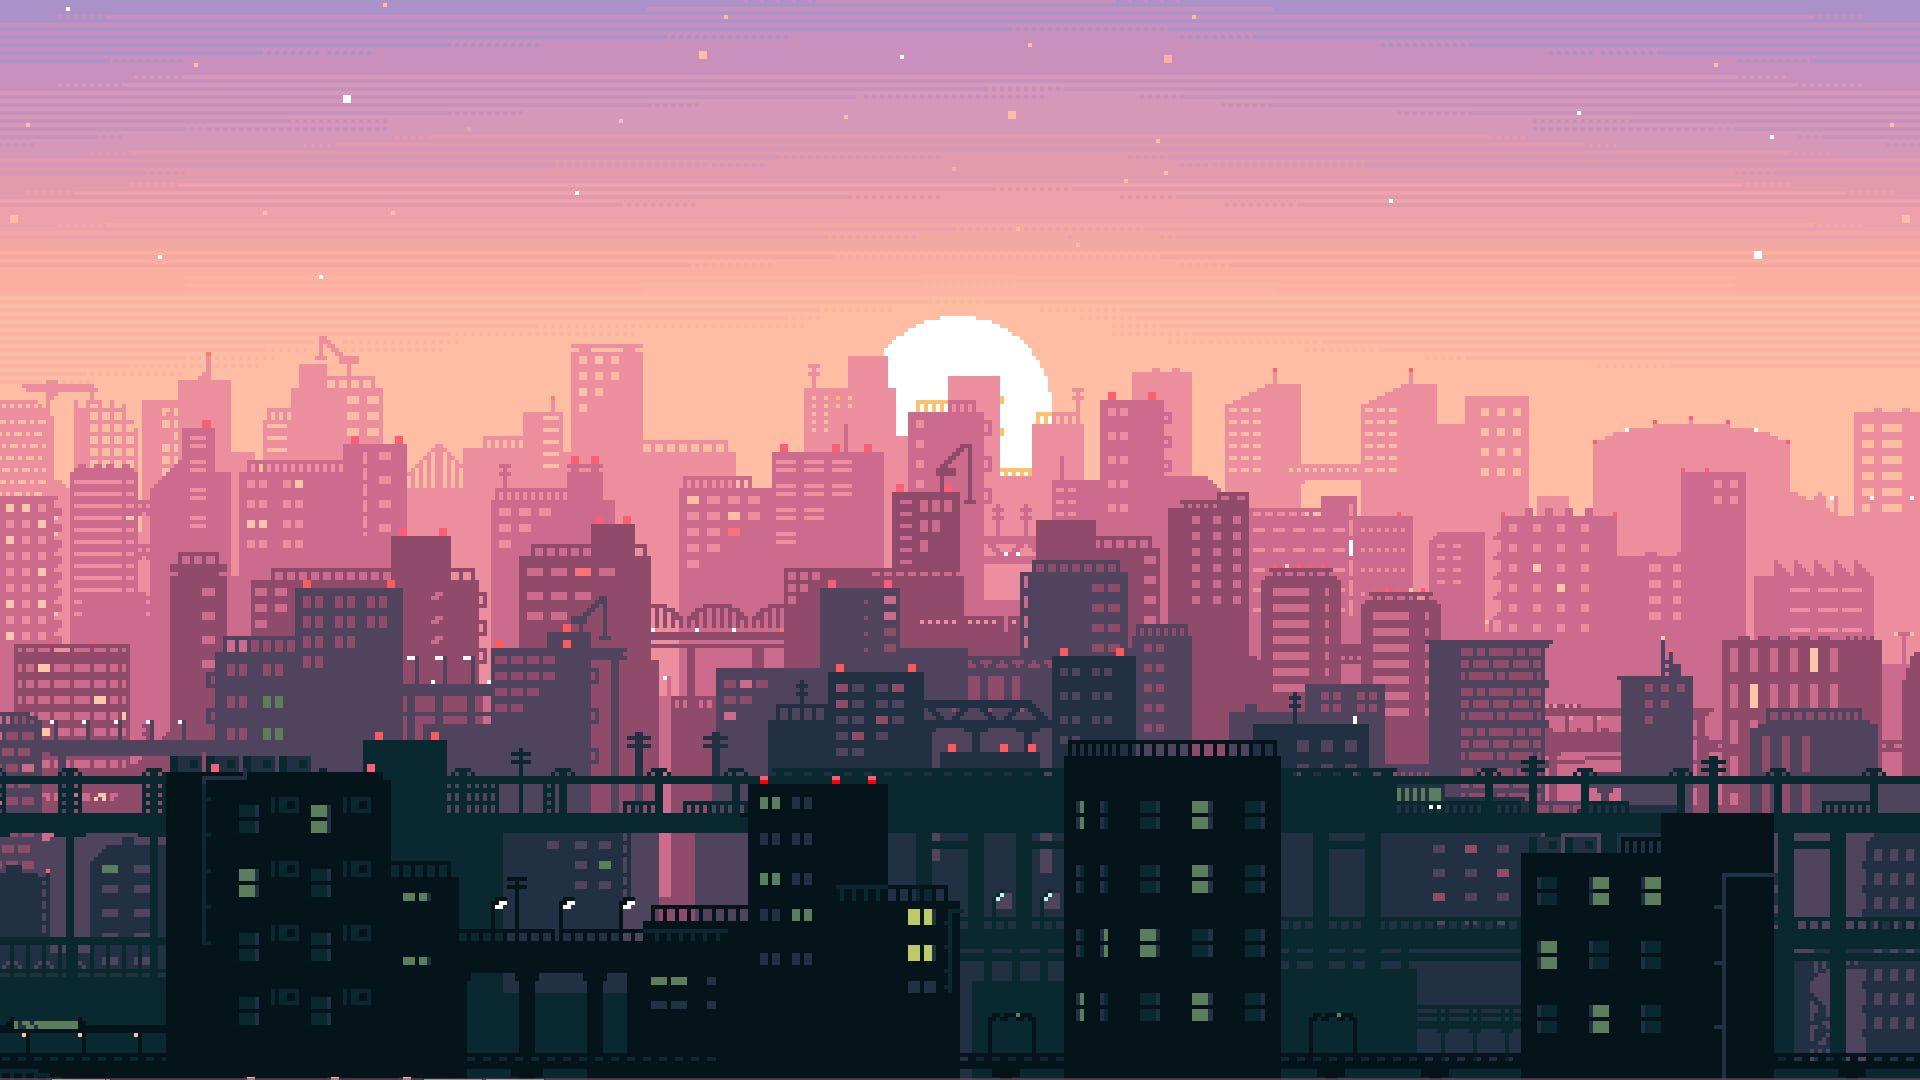 Buildings Illustration Animated Pink And Black Buildings Illustration Pixel Art Sun Building Imagens Para Pc Papel De Parede Do Notebook Papel De Parede Pc